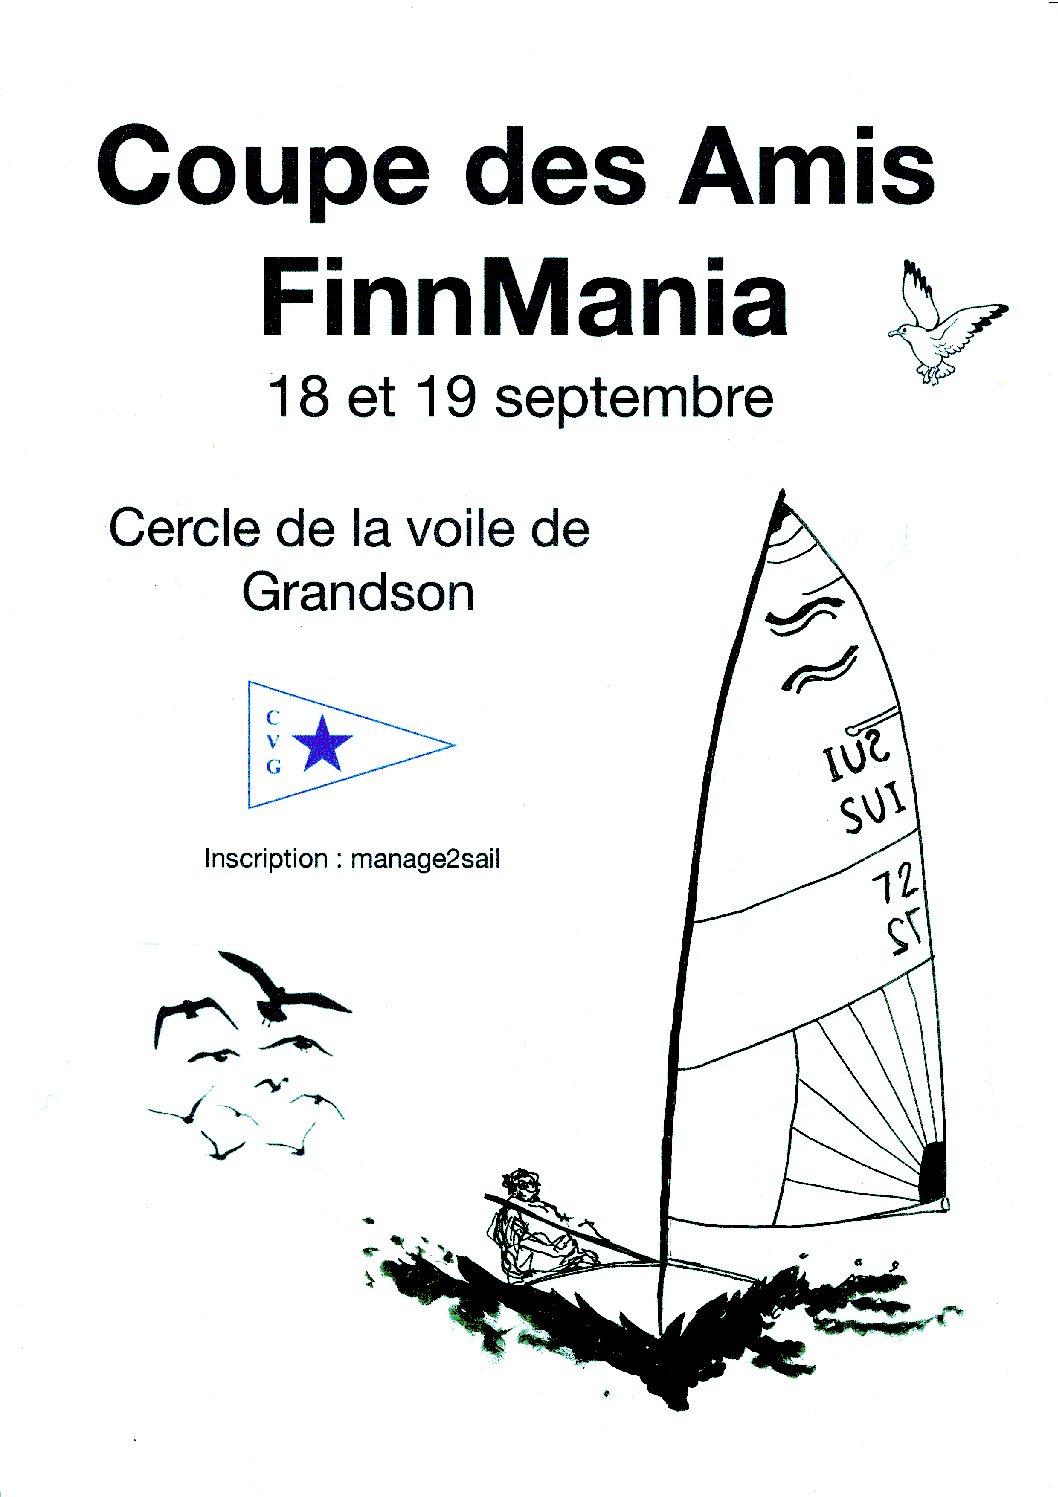 Coupe des Amis – FinnMania.